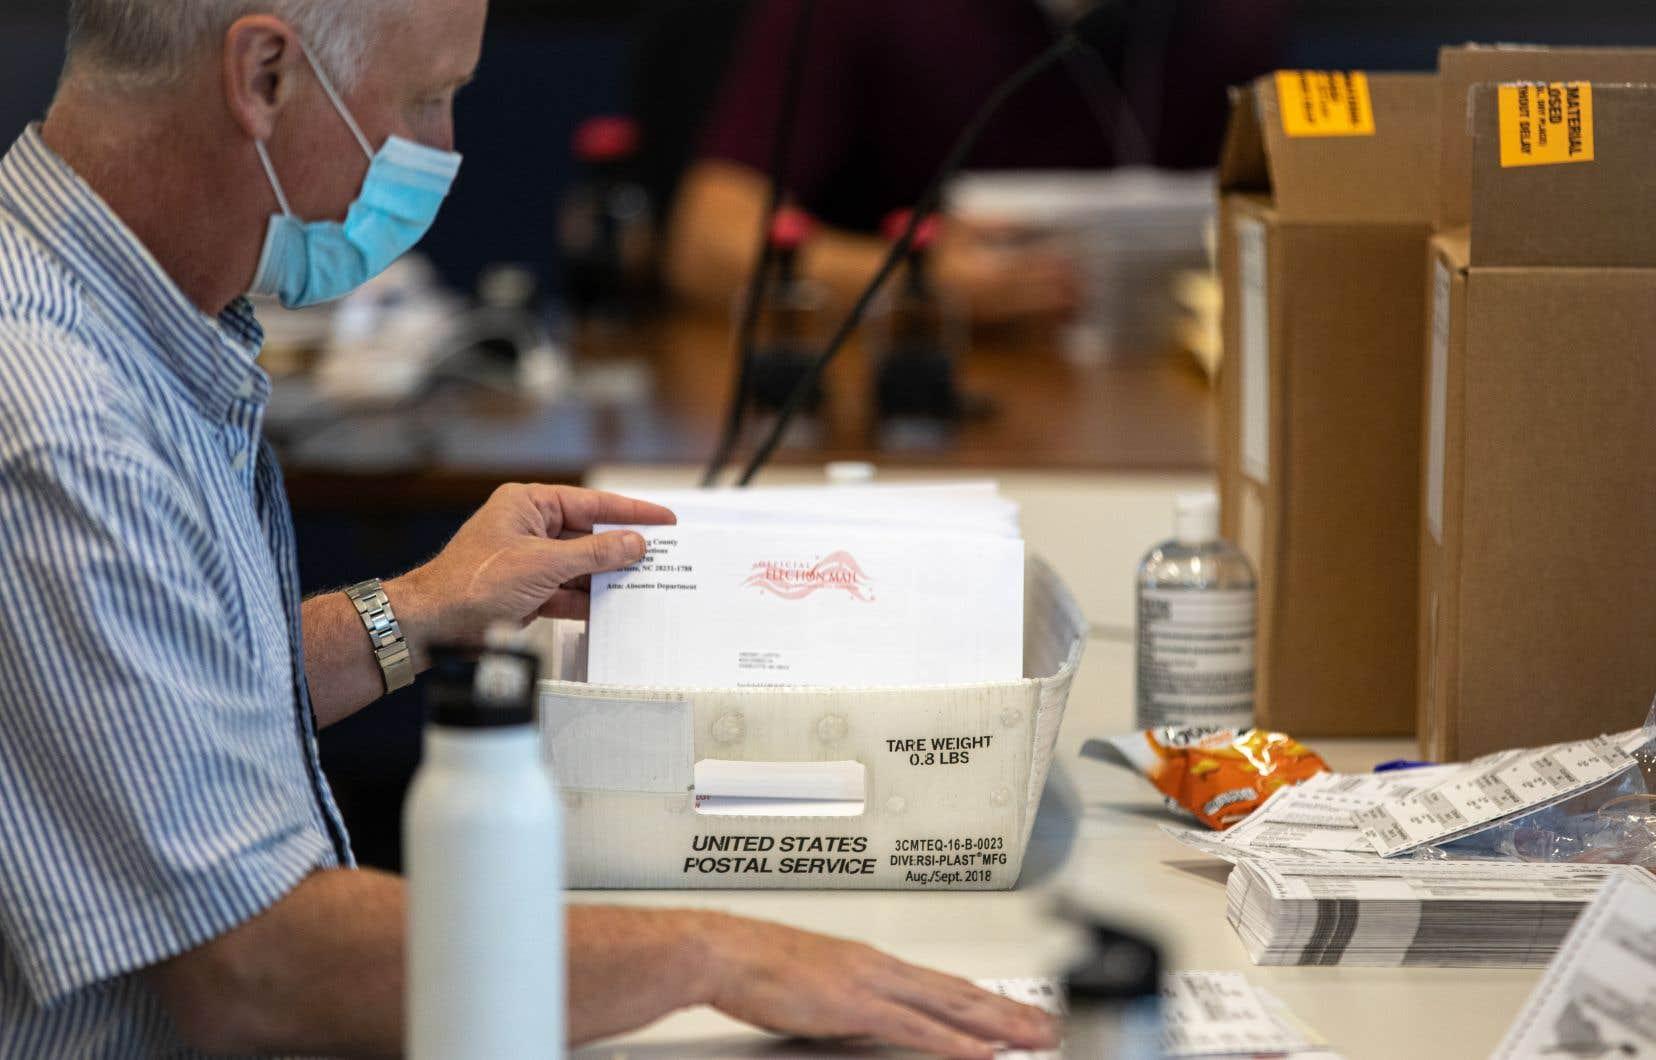 Le vote par la poste désavantage surtout les minorités, plus enclines à voter pour les démocrates, car leurs bulletins sont plus souvent rejetés par les autorités électorales que pour les autres.